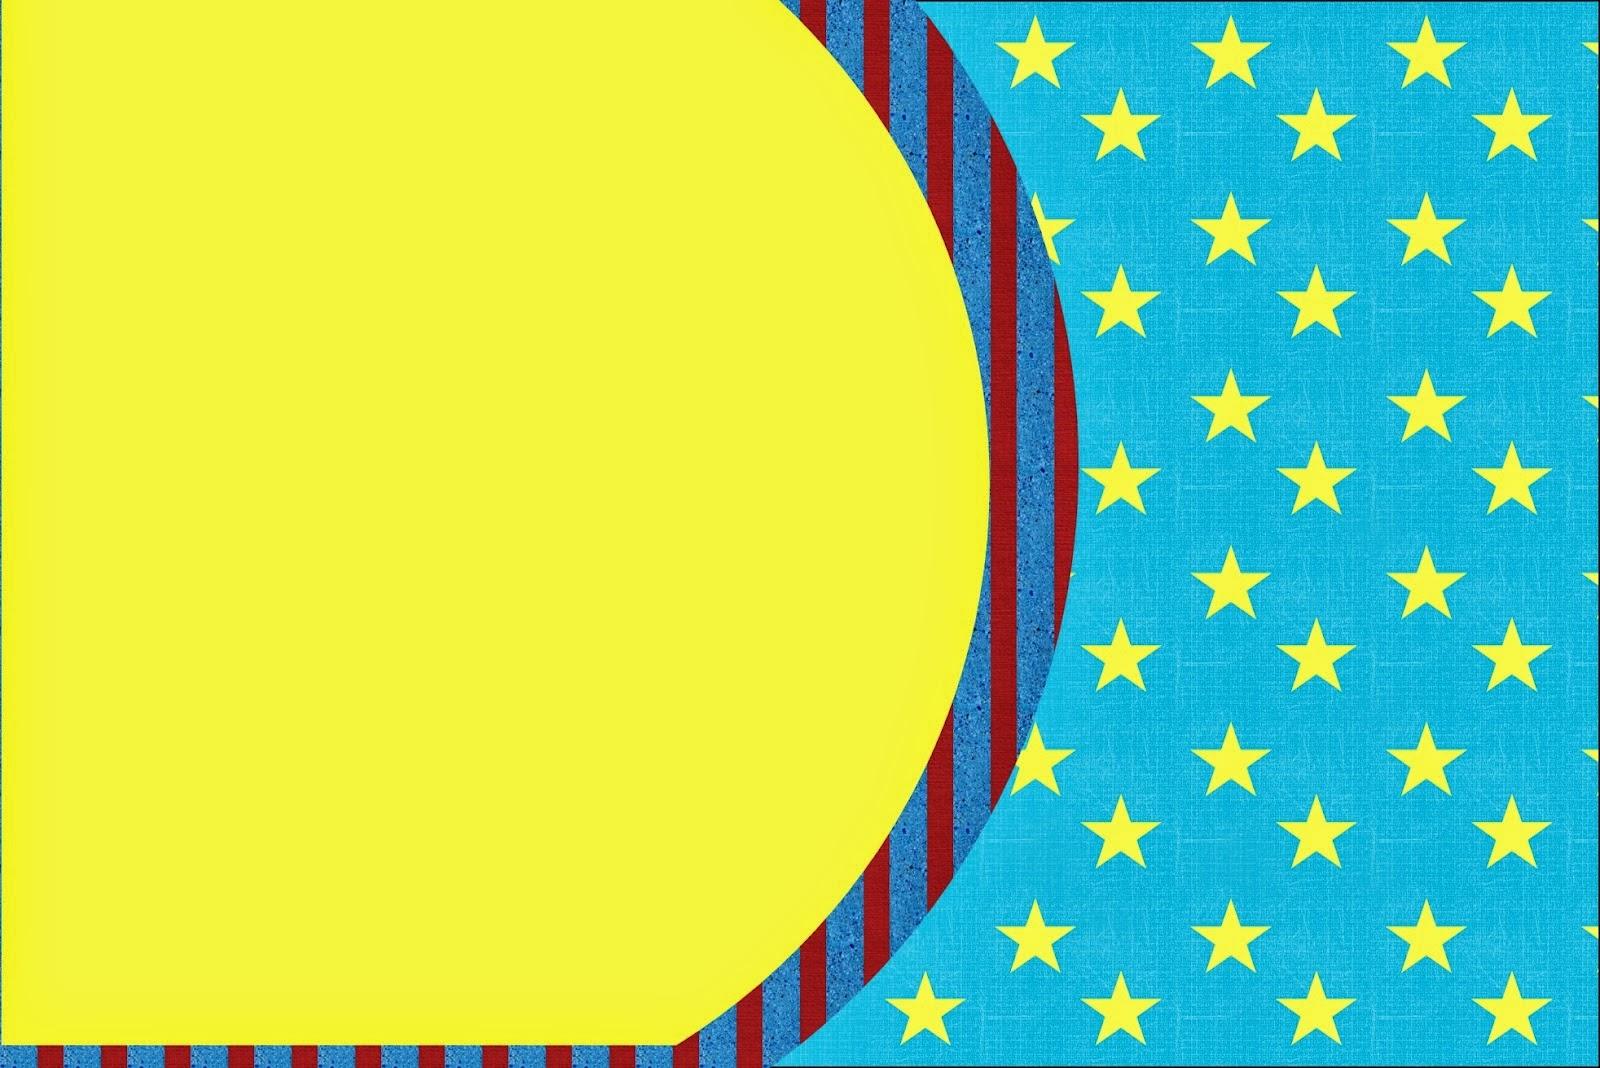 Para hacer invitaciones, tarjetas, marcos de fotos o etiquetas, para imprimir gratis de Estrellas sobre Fondo Celeste.